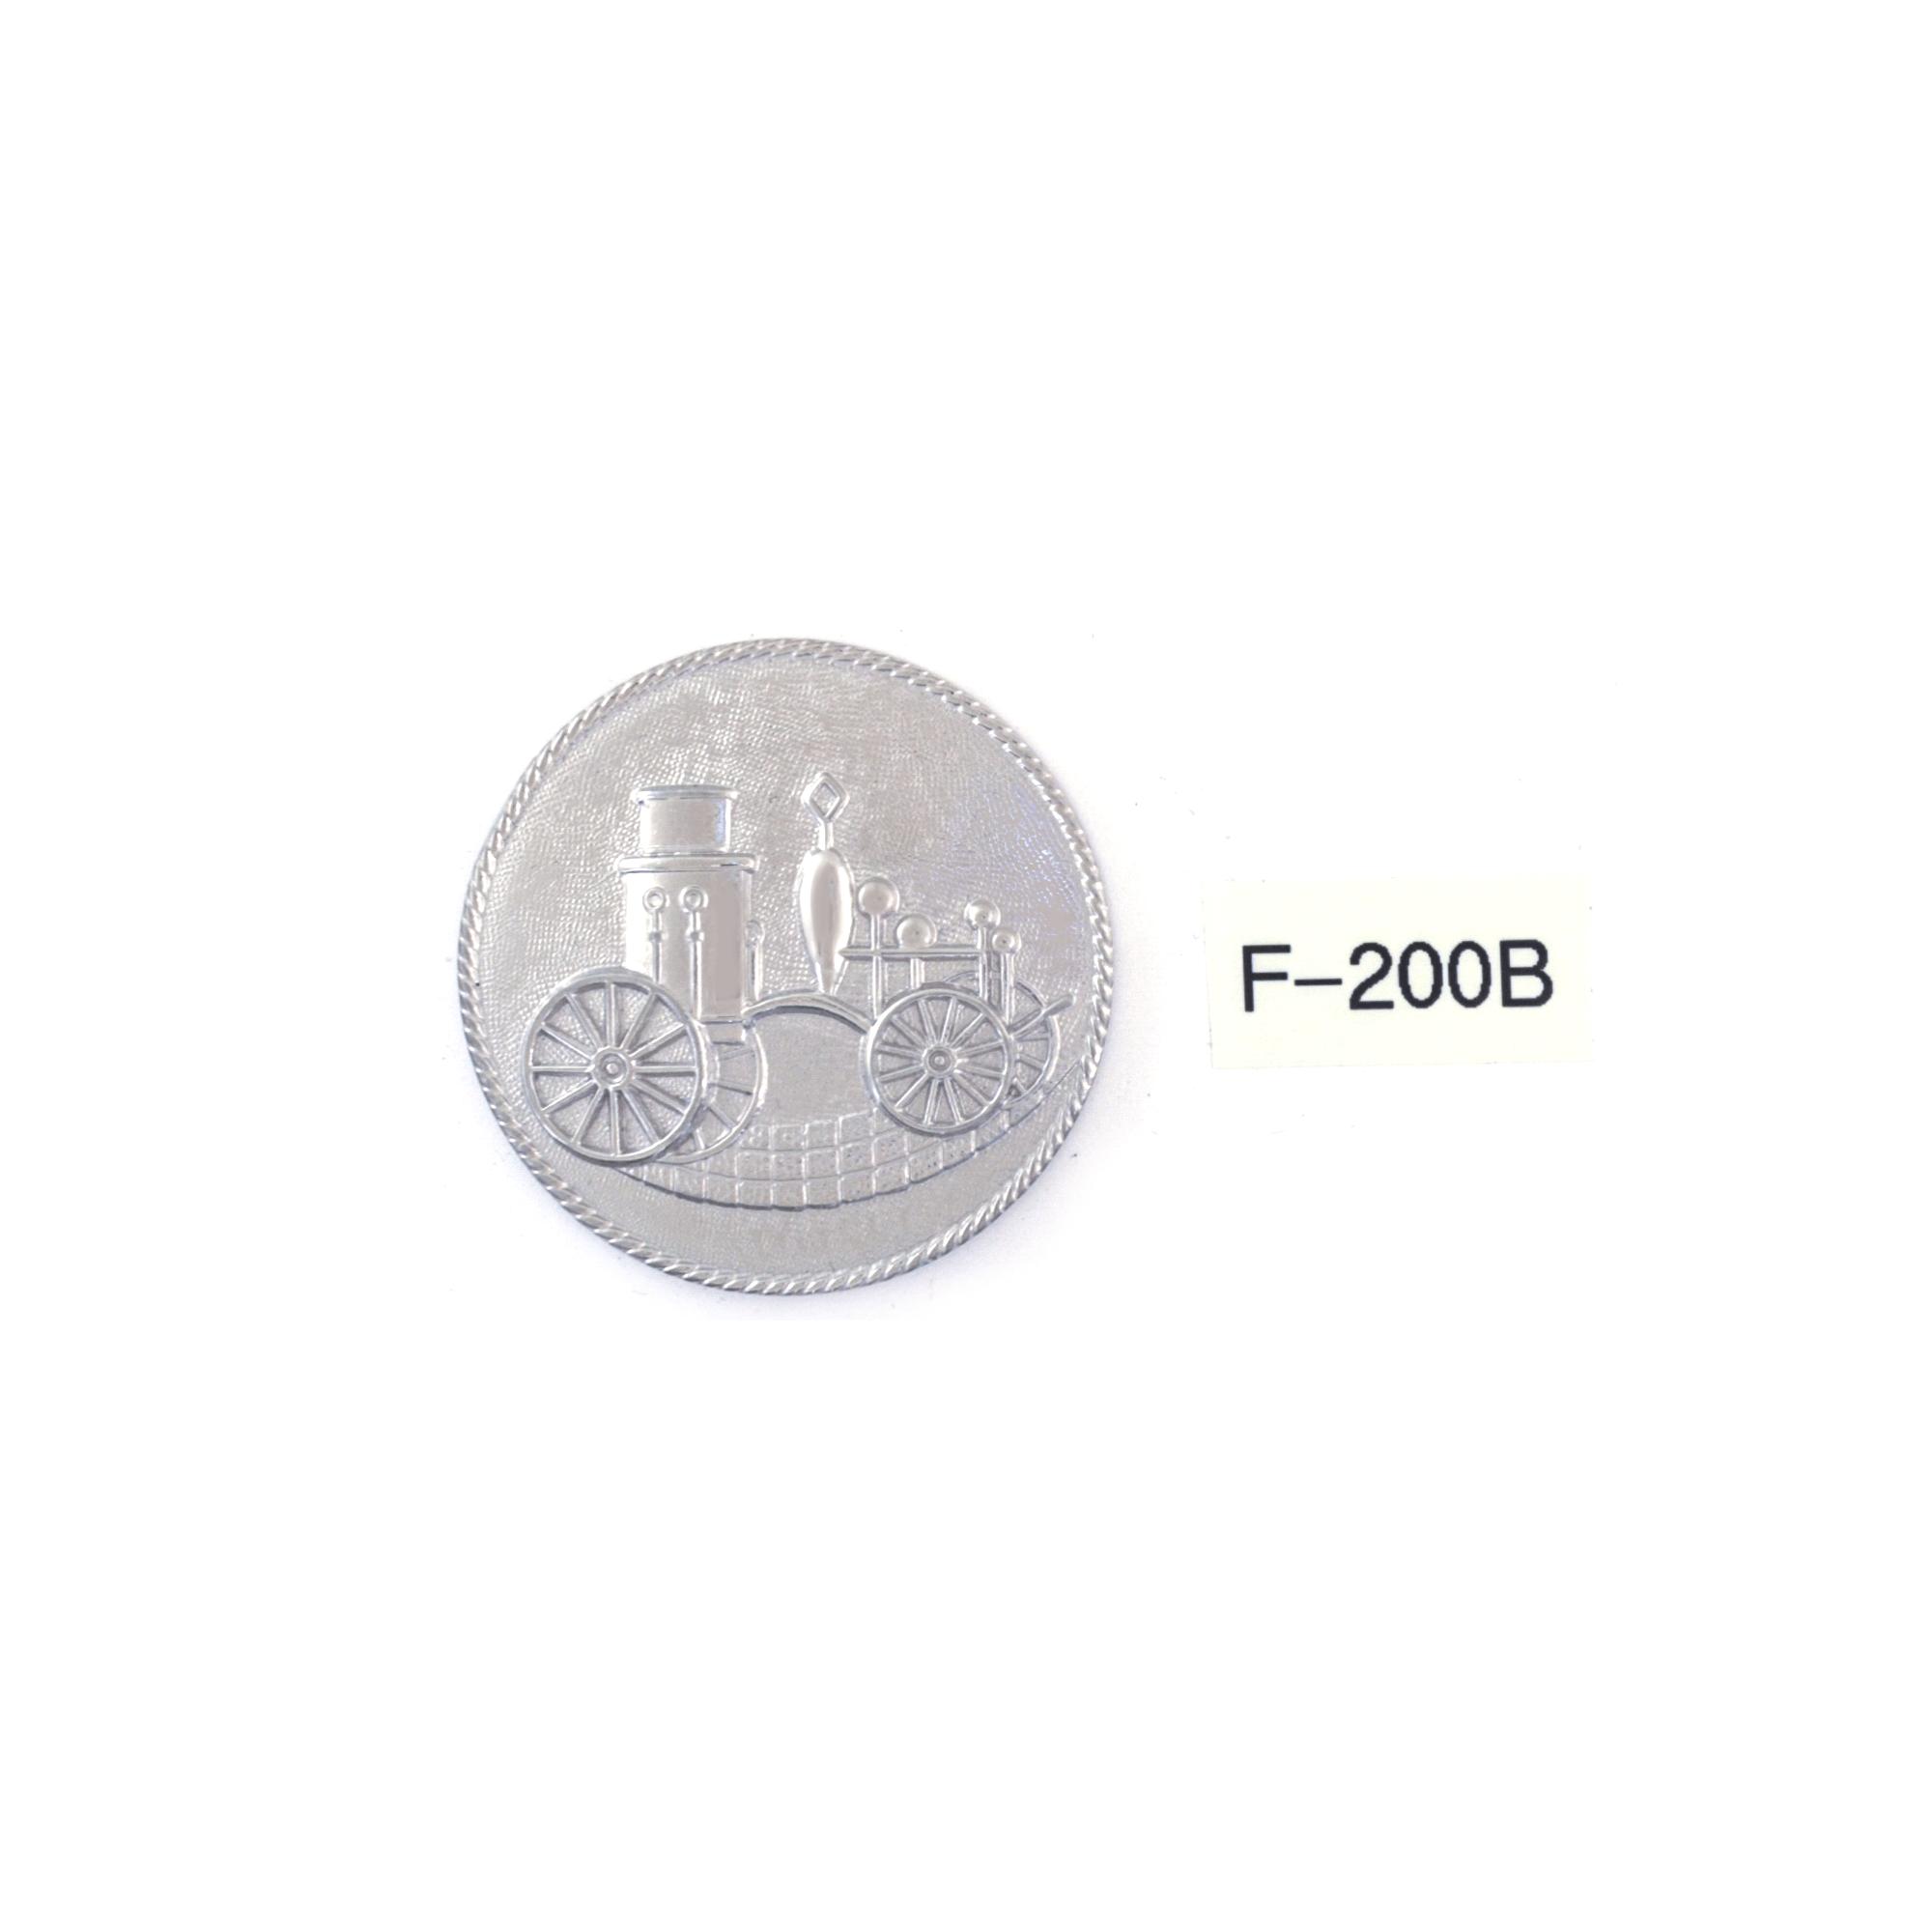 F200B (steamer engine)-CW Nielsen